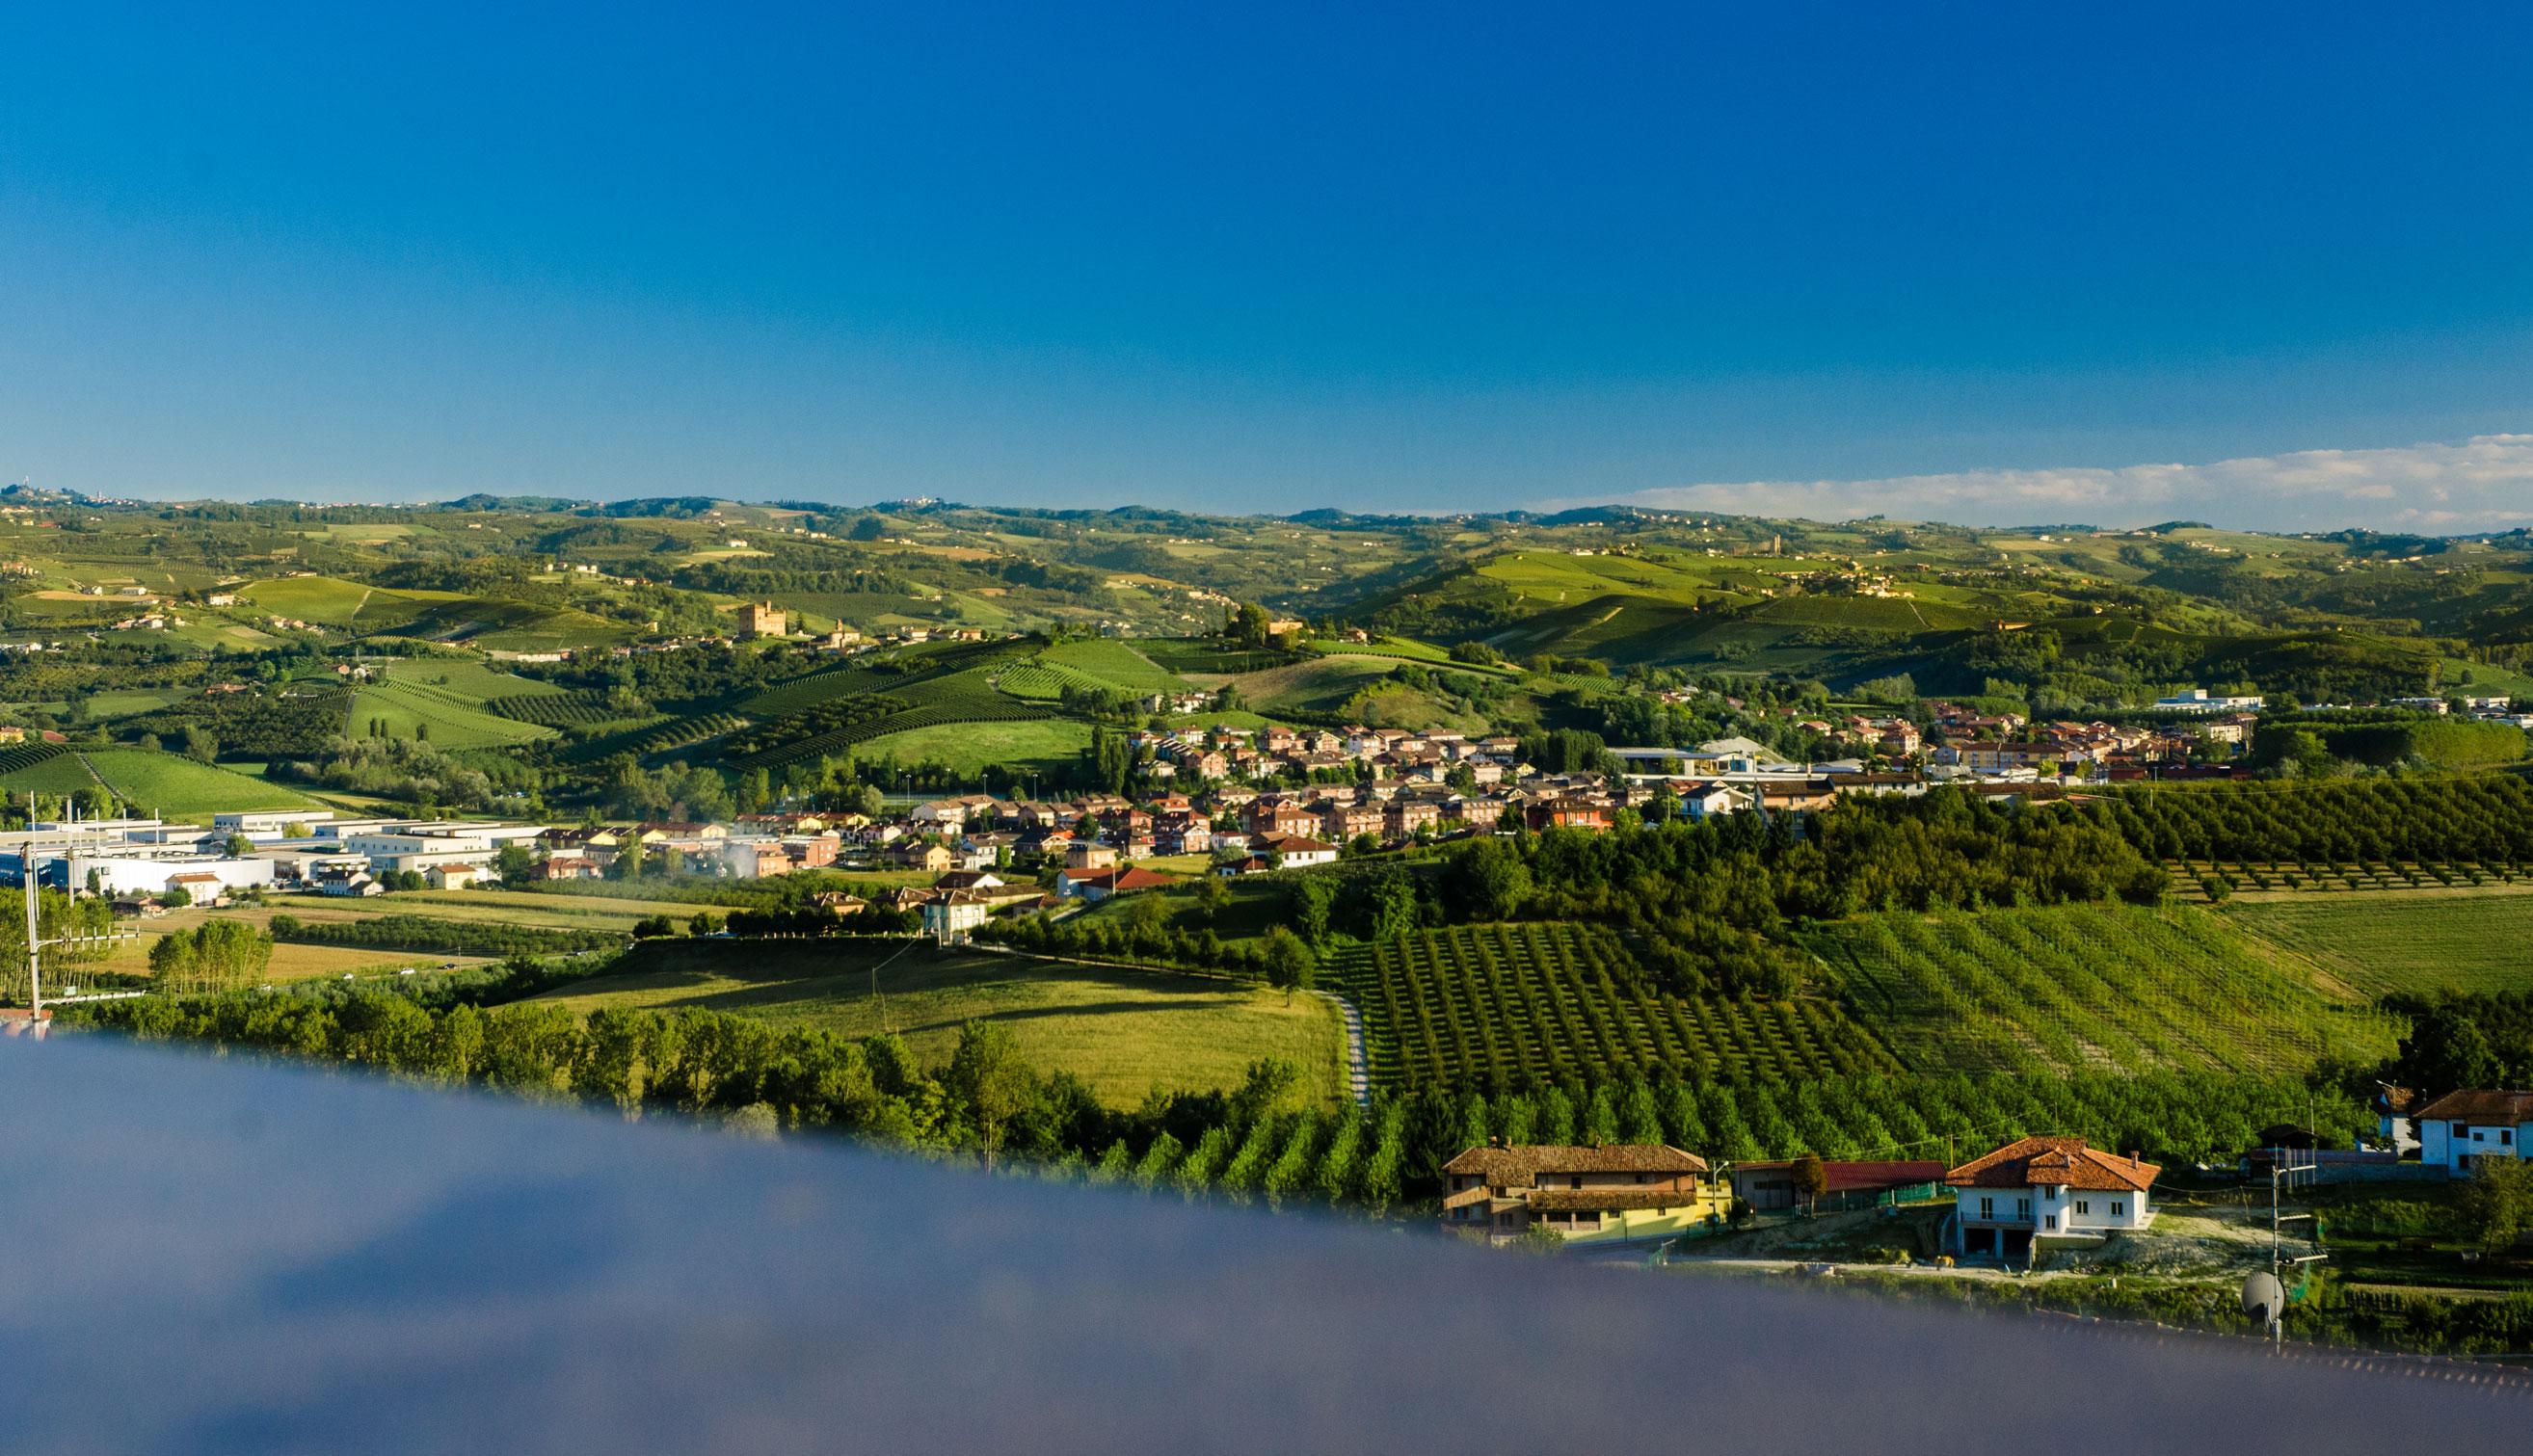 Paesaggi-Italia - DSC 4357 2 - DSC_4357-2 -